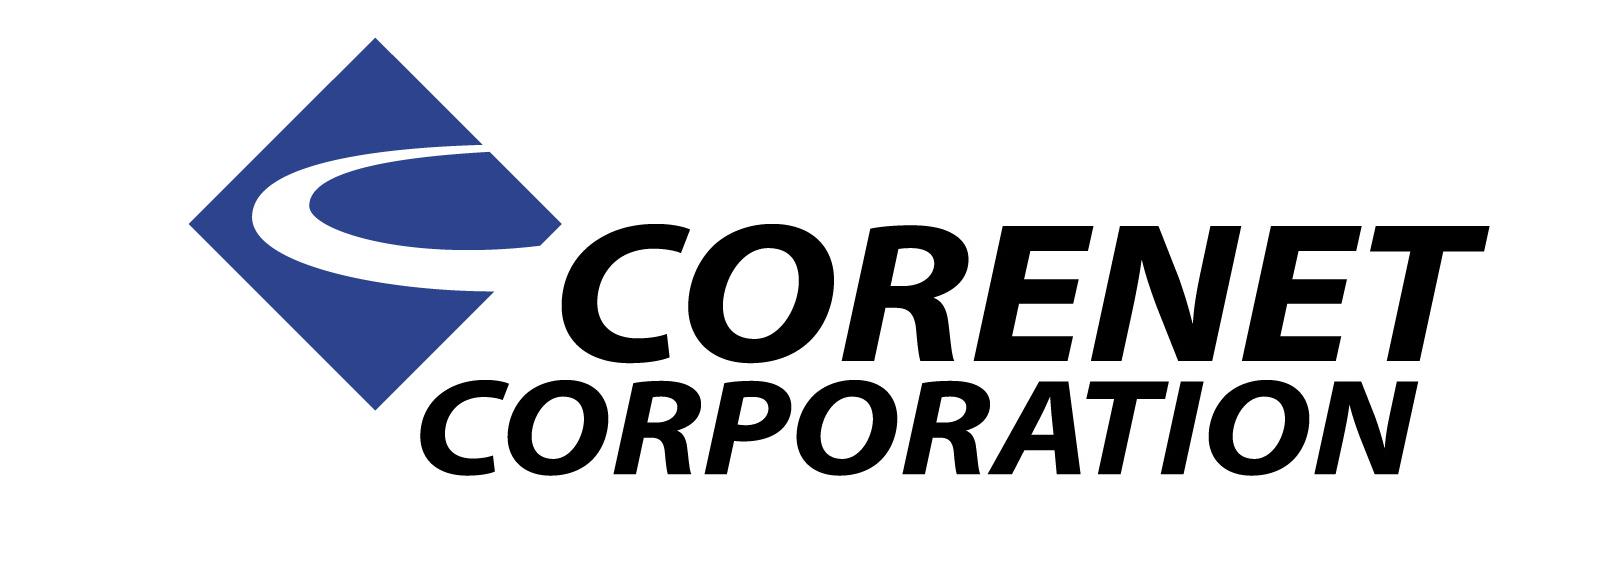 삼화페인트공업의 계열사 (주)코아네트의 로고